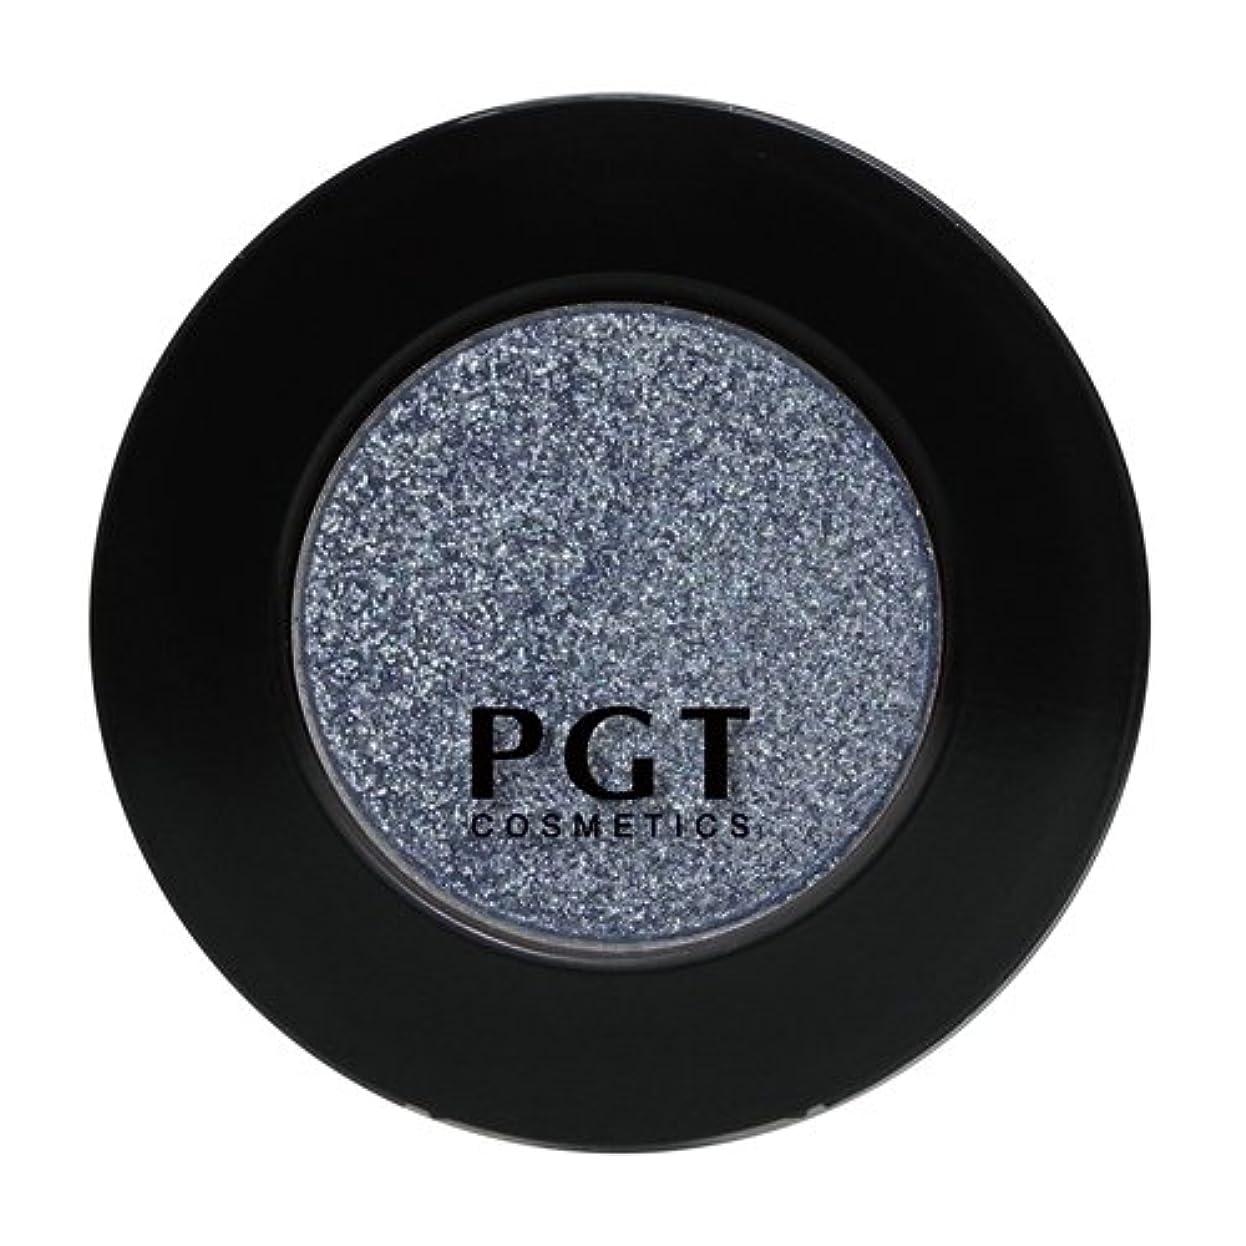 泥だらけストッキング効率的パルガントン スパークリングアイシャドウSE175 ブルー